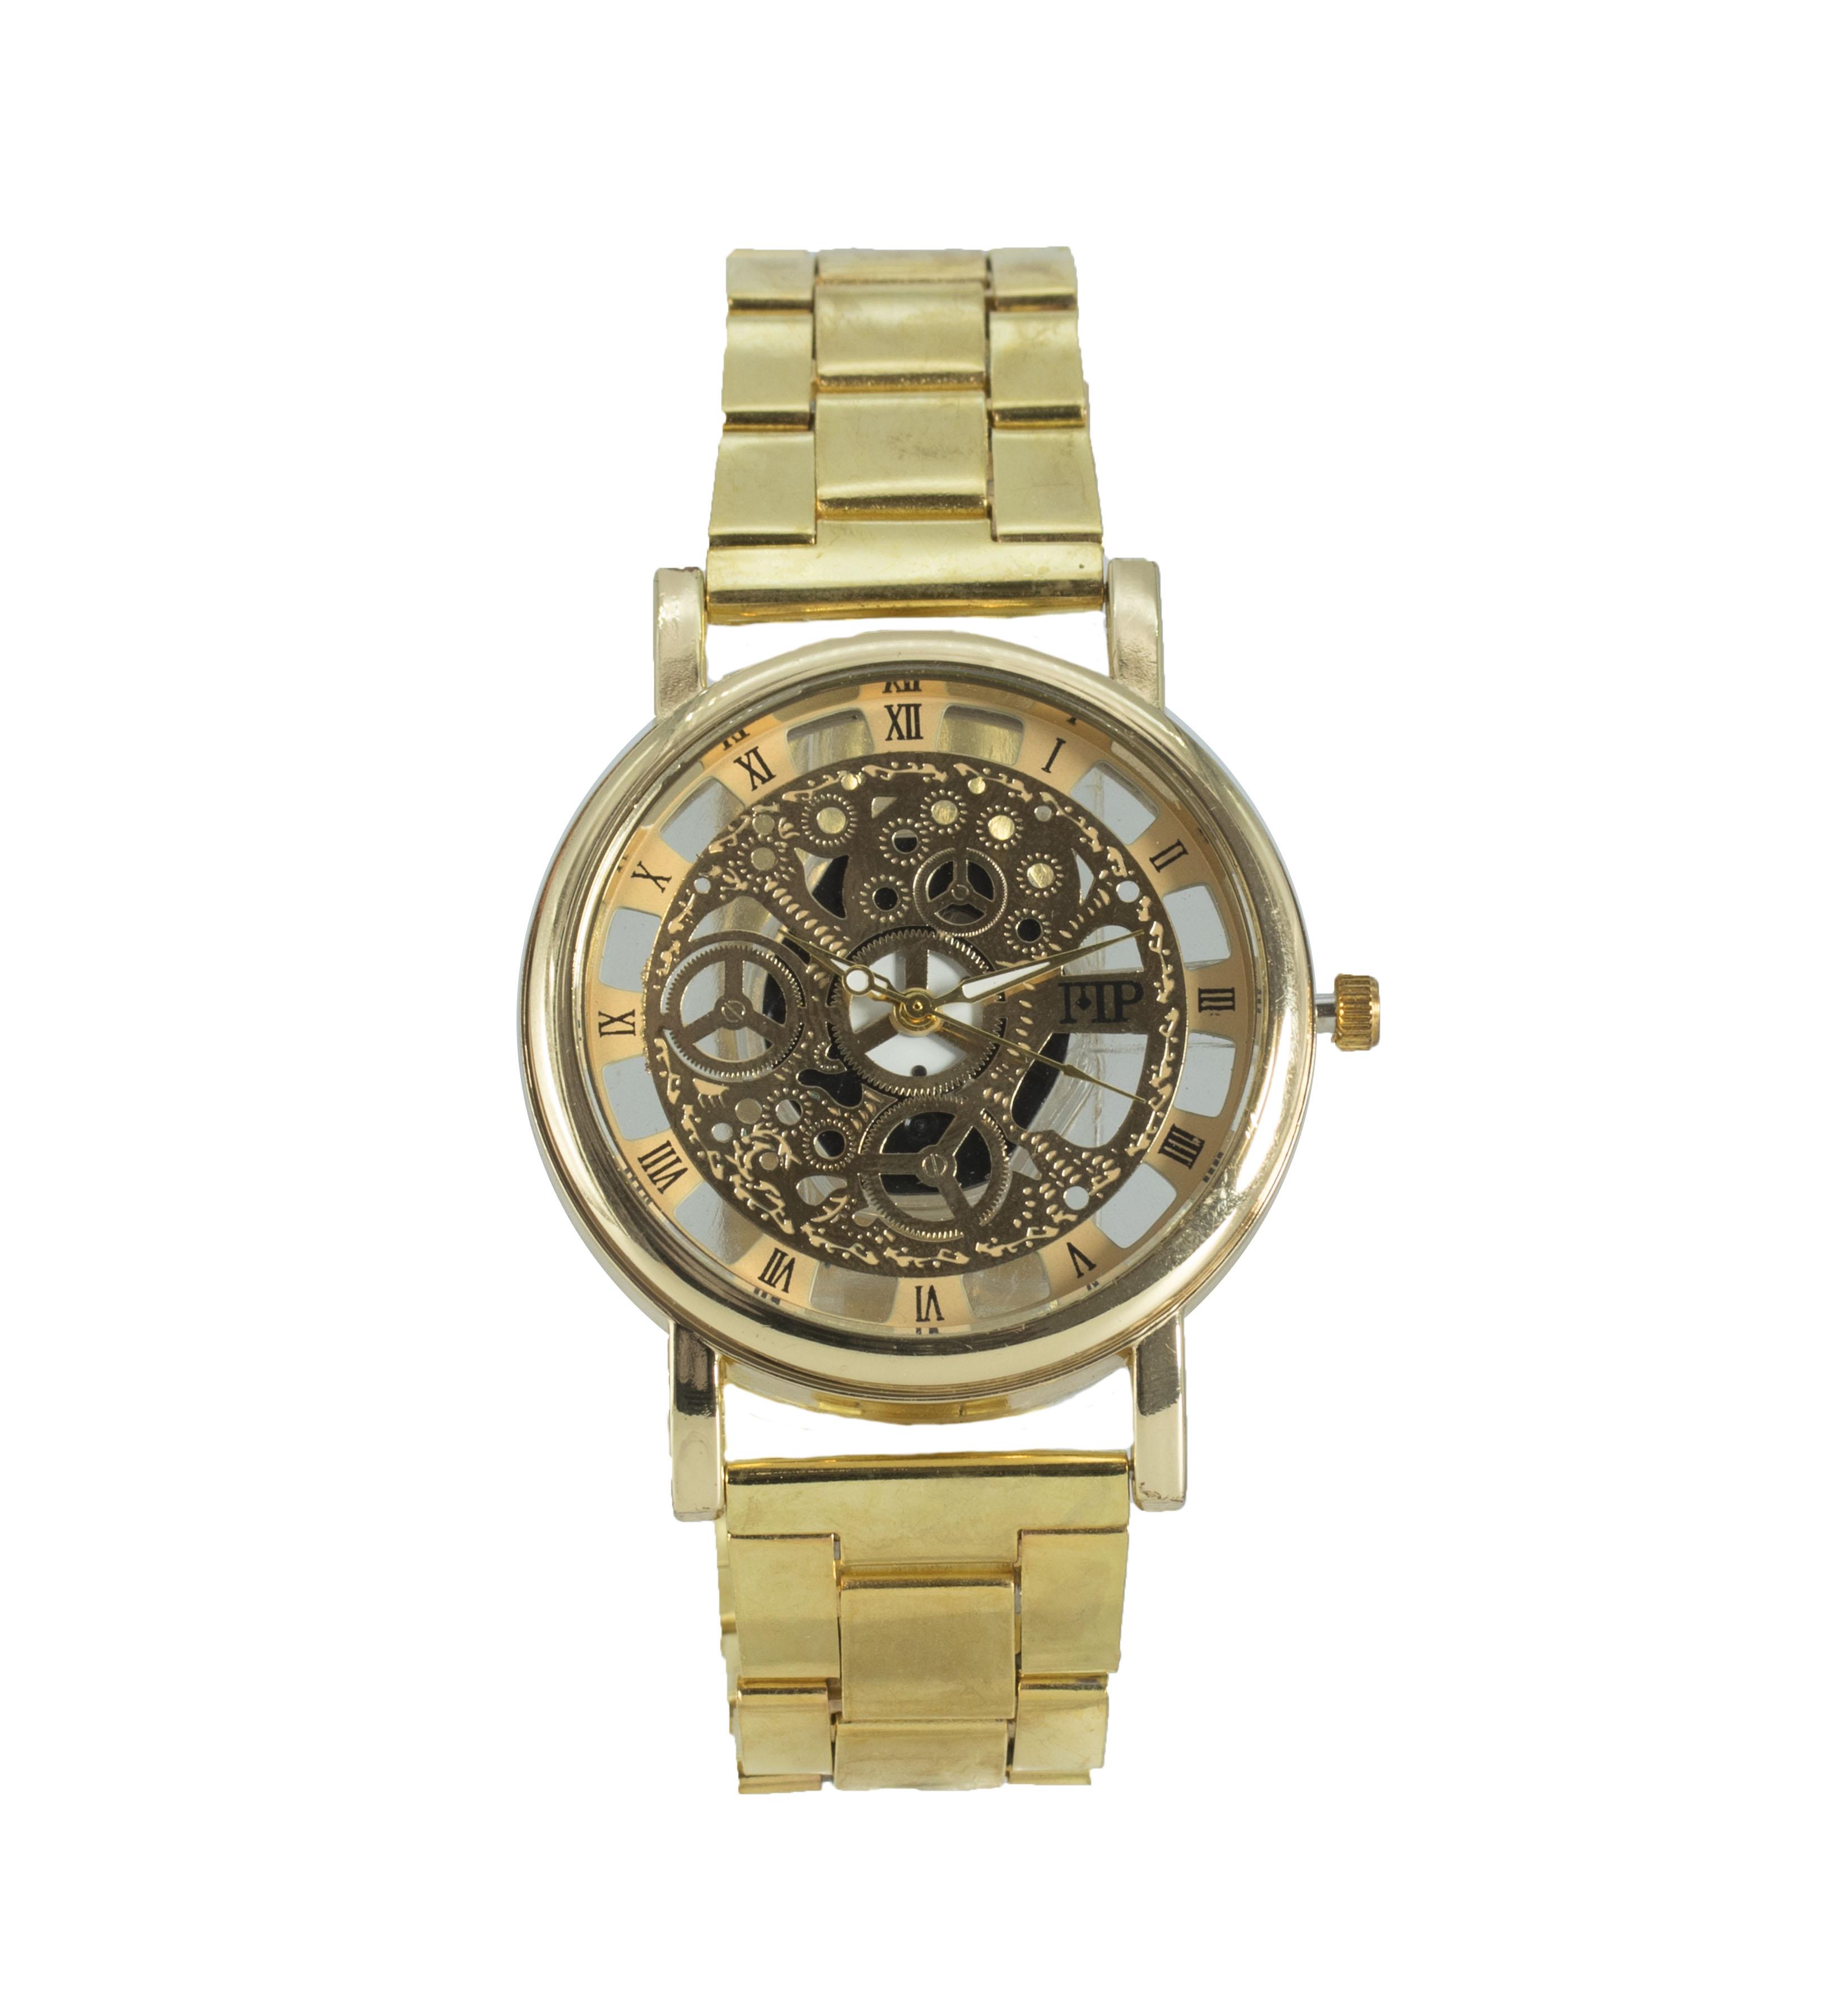 Comprar Marsan Piel Relógio analógico de ouro Kle